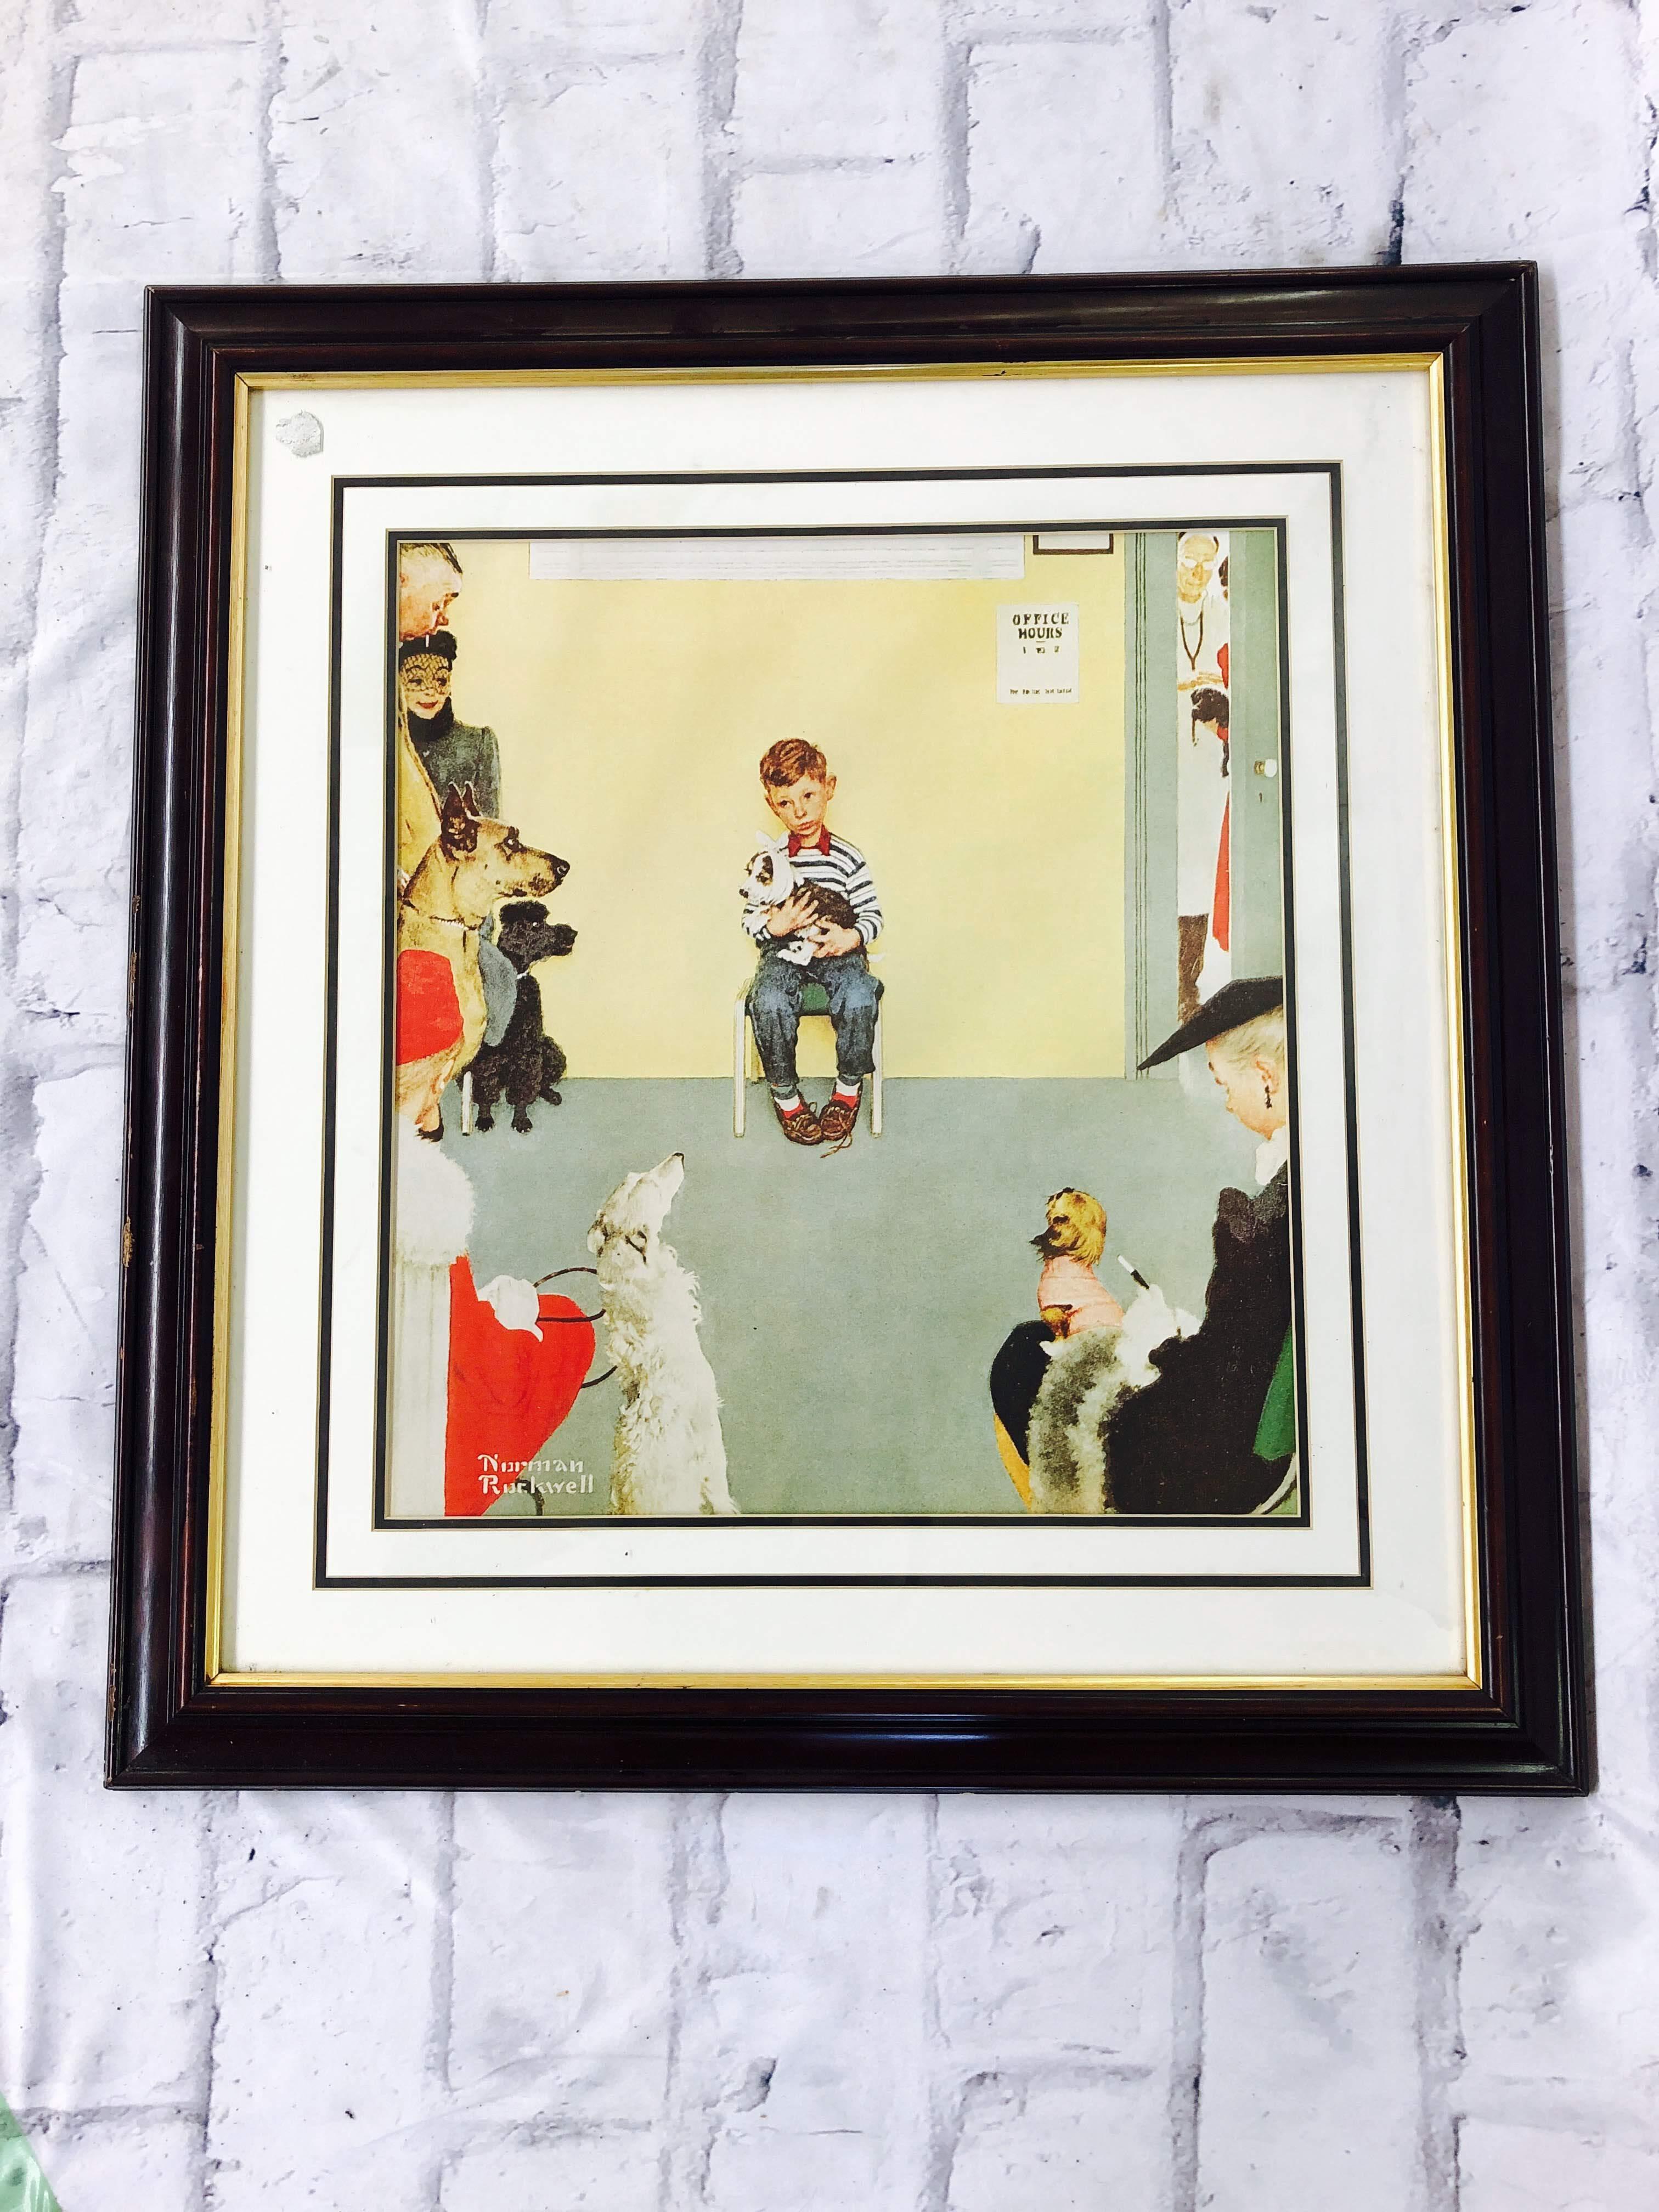 品番2390 ポスター 『少年と傷ついた犬』 Norman Rockwell(ノーマン ロックウェル) アメリカ アート 壁掛